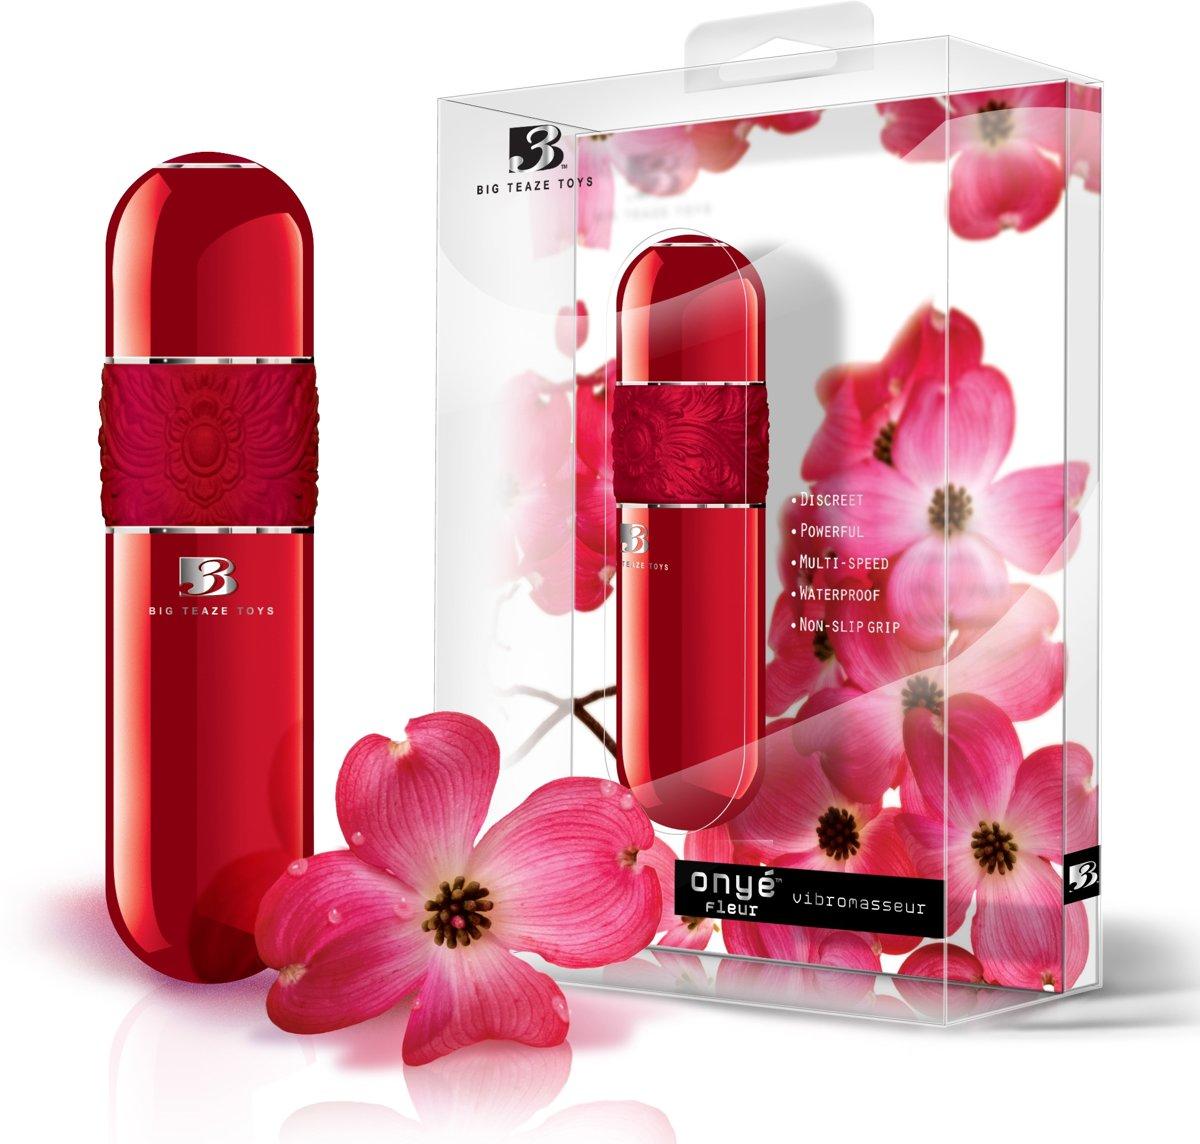 Foto van Big Teaze Toys B3 Onye Fleur Rood Parel - Vibrator